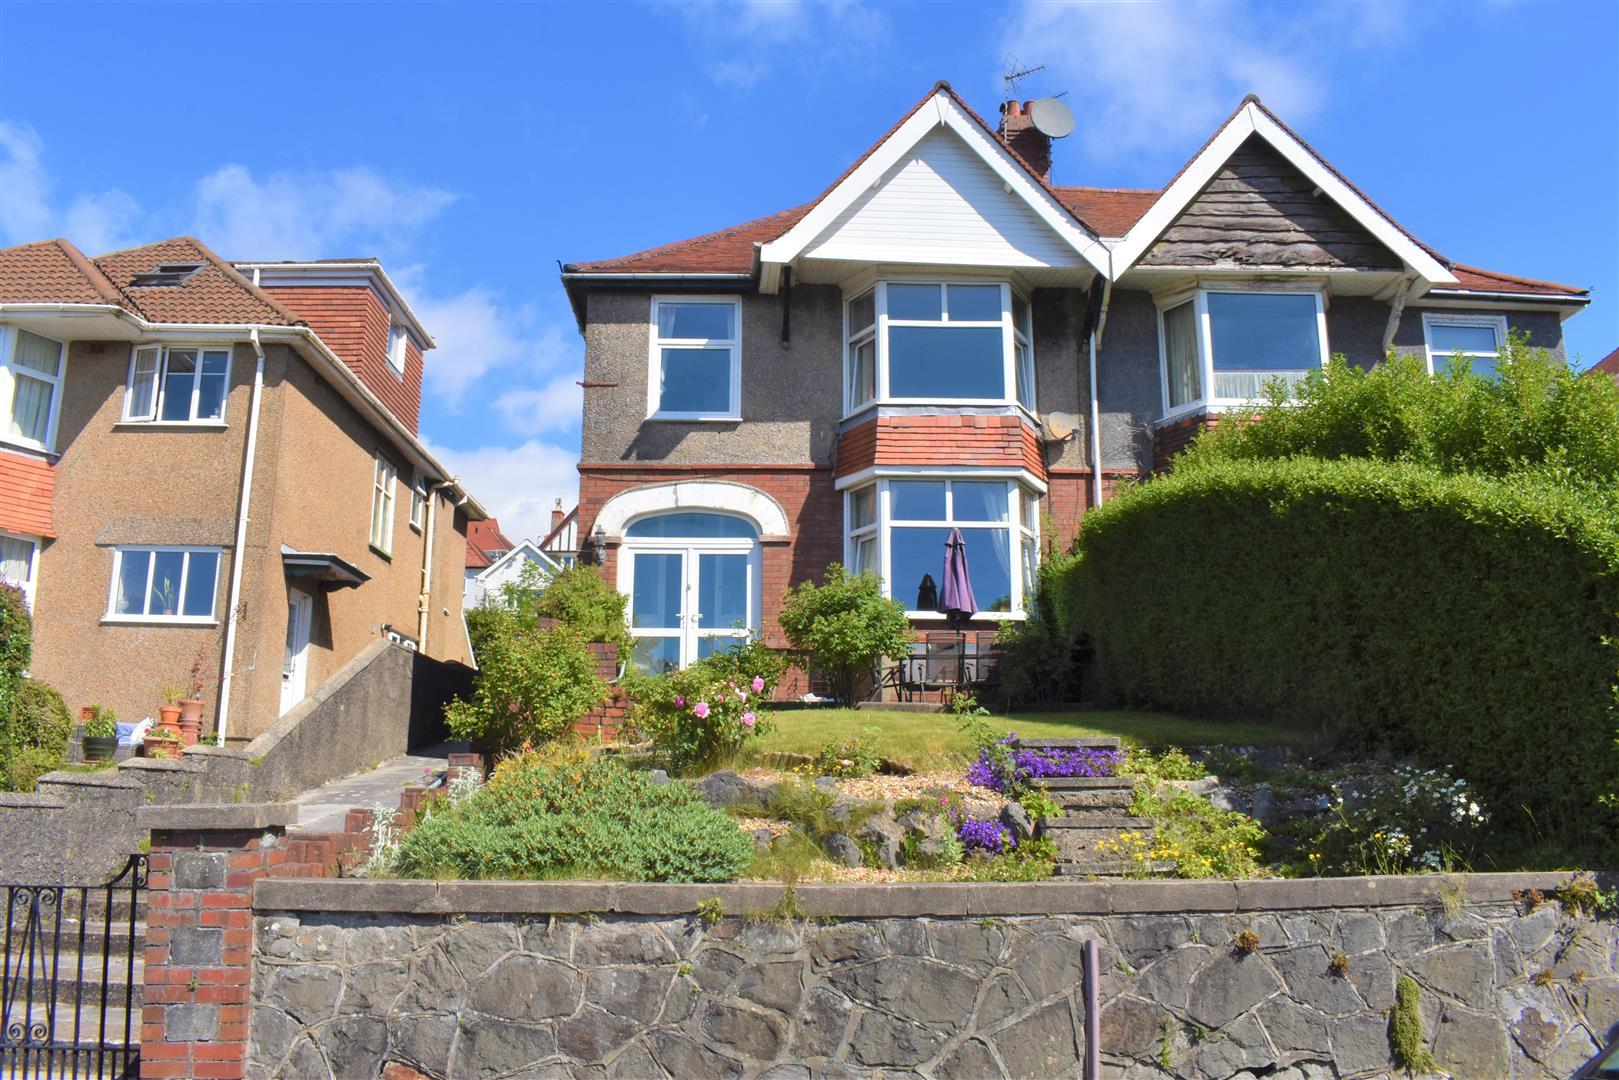 Lon Cedwyn, Sketty, Swansea, SA2 0TH